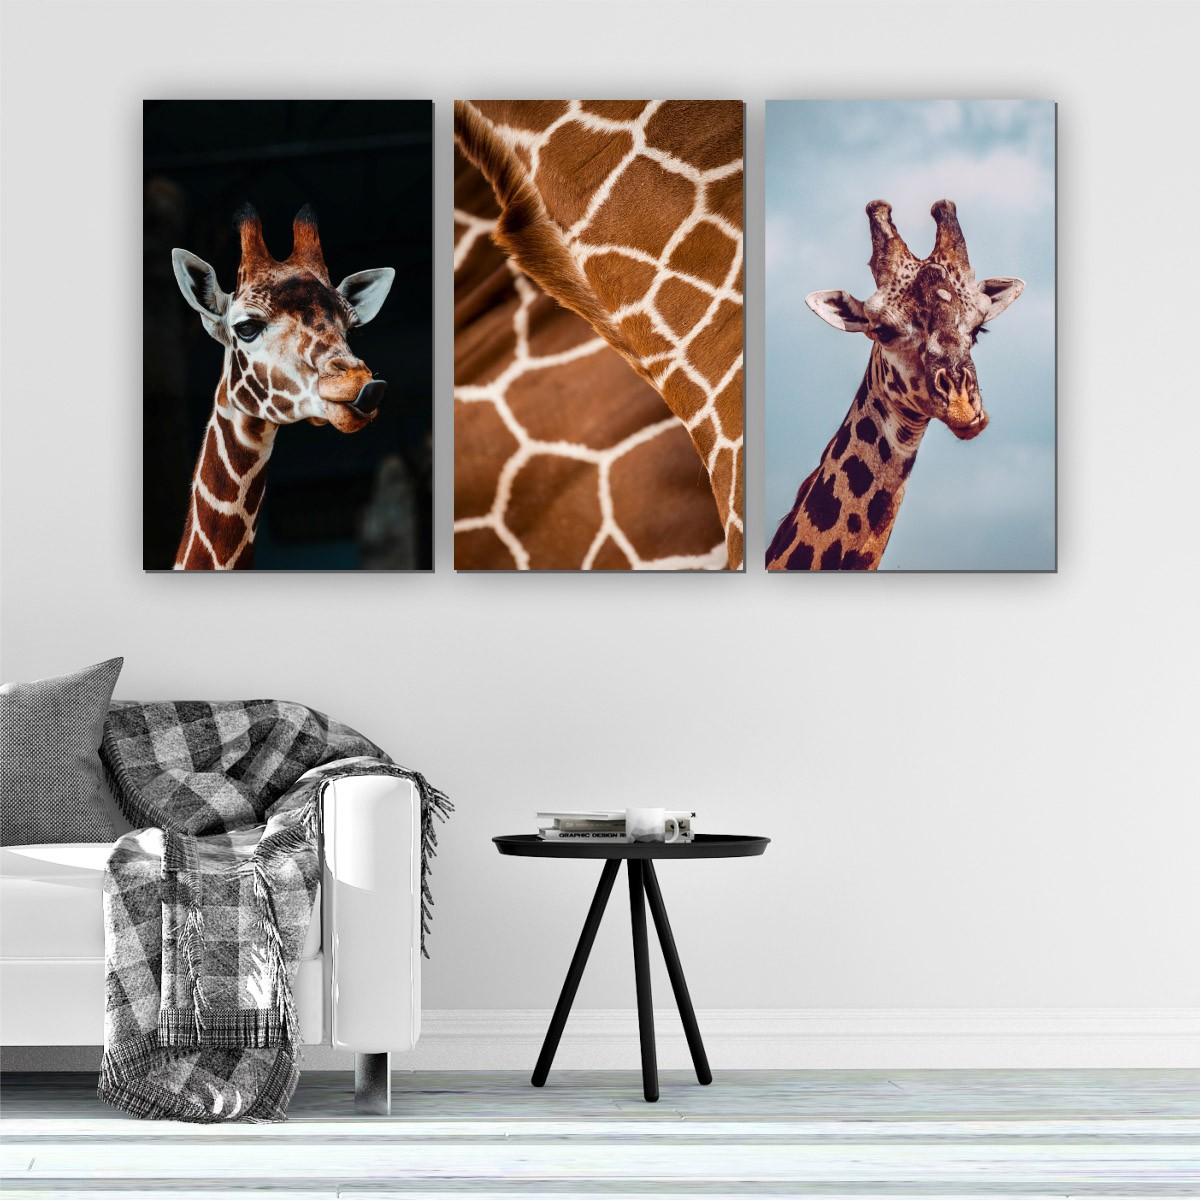 Quadro Decorativo Mosaico Quarto Sala Girafa 3 peças - 126x65cm